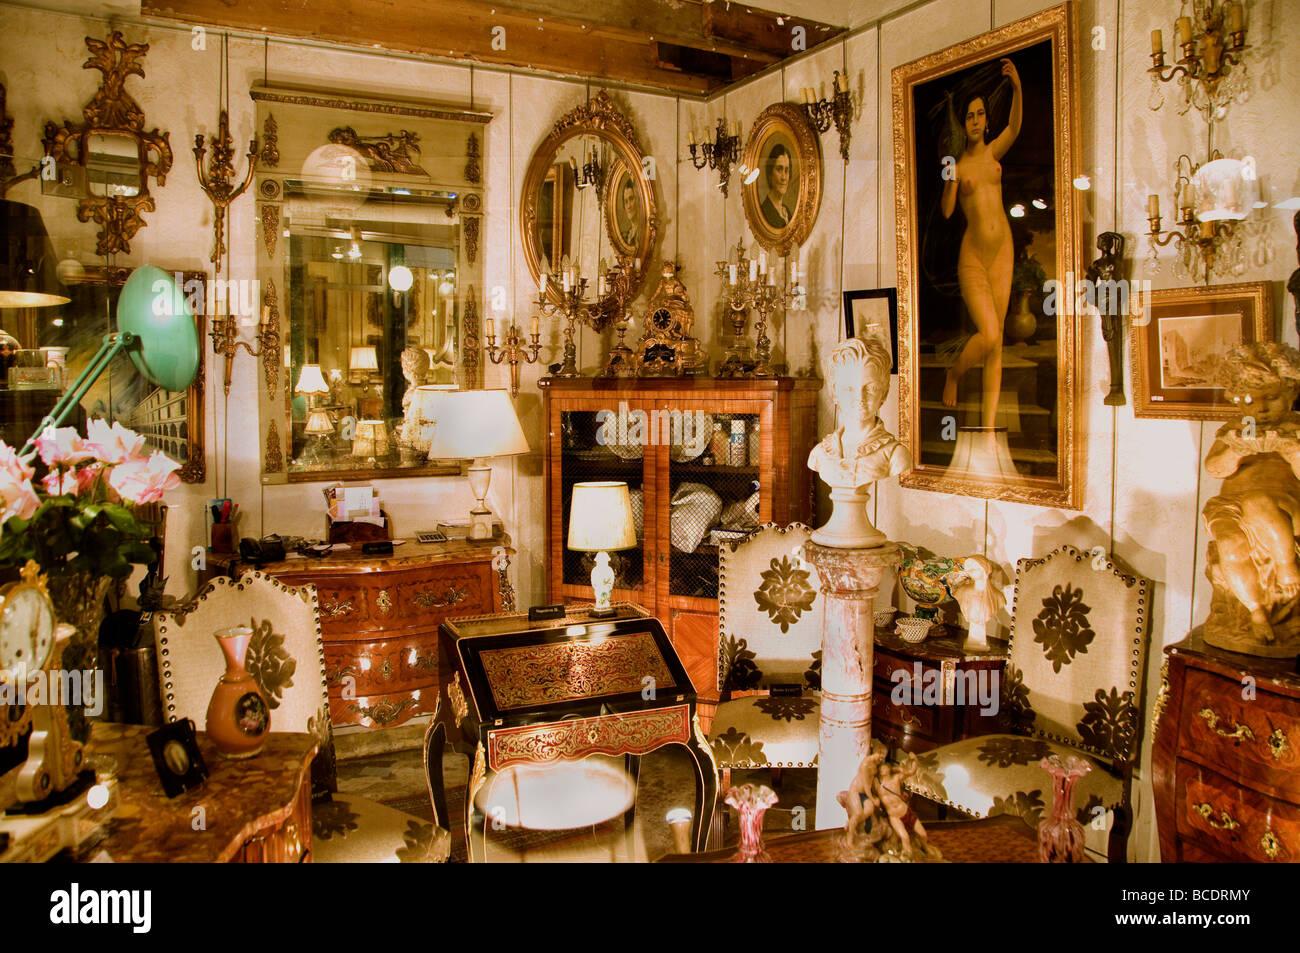 marche aux puces de saint ouen stock photos marche aux puces de saint ouen stock images alamy. Black Bedroom Furniture Sets. Home Design Ideas